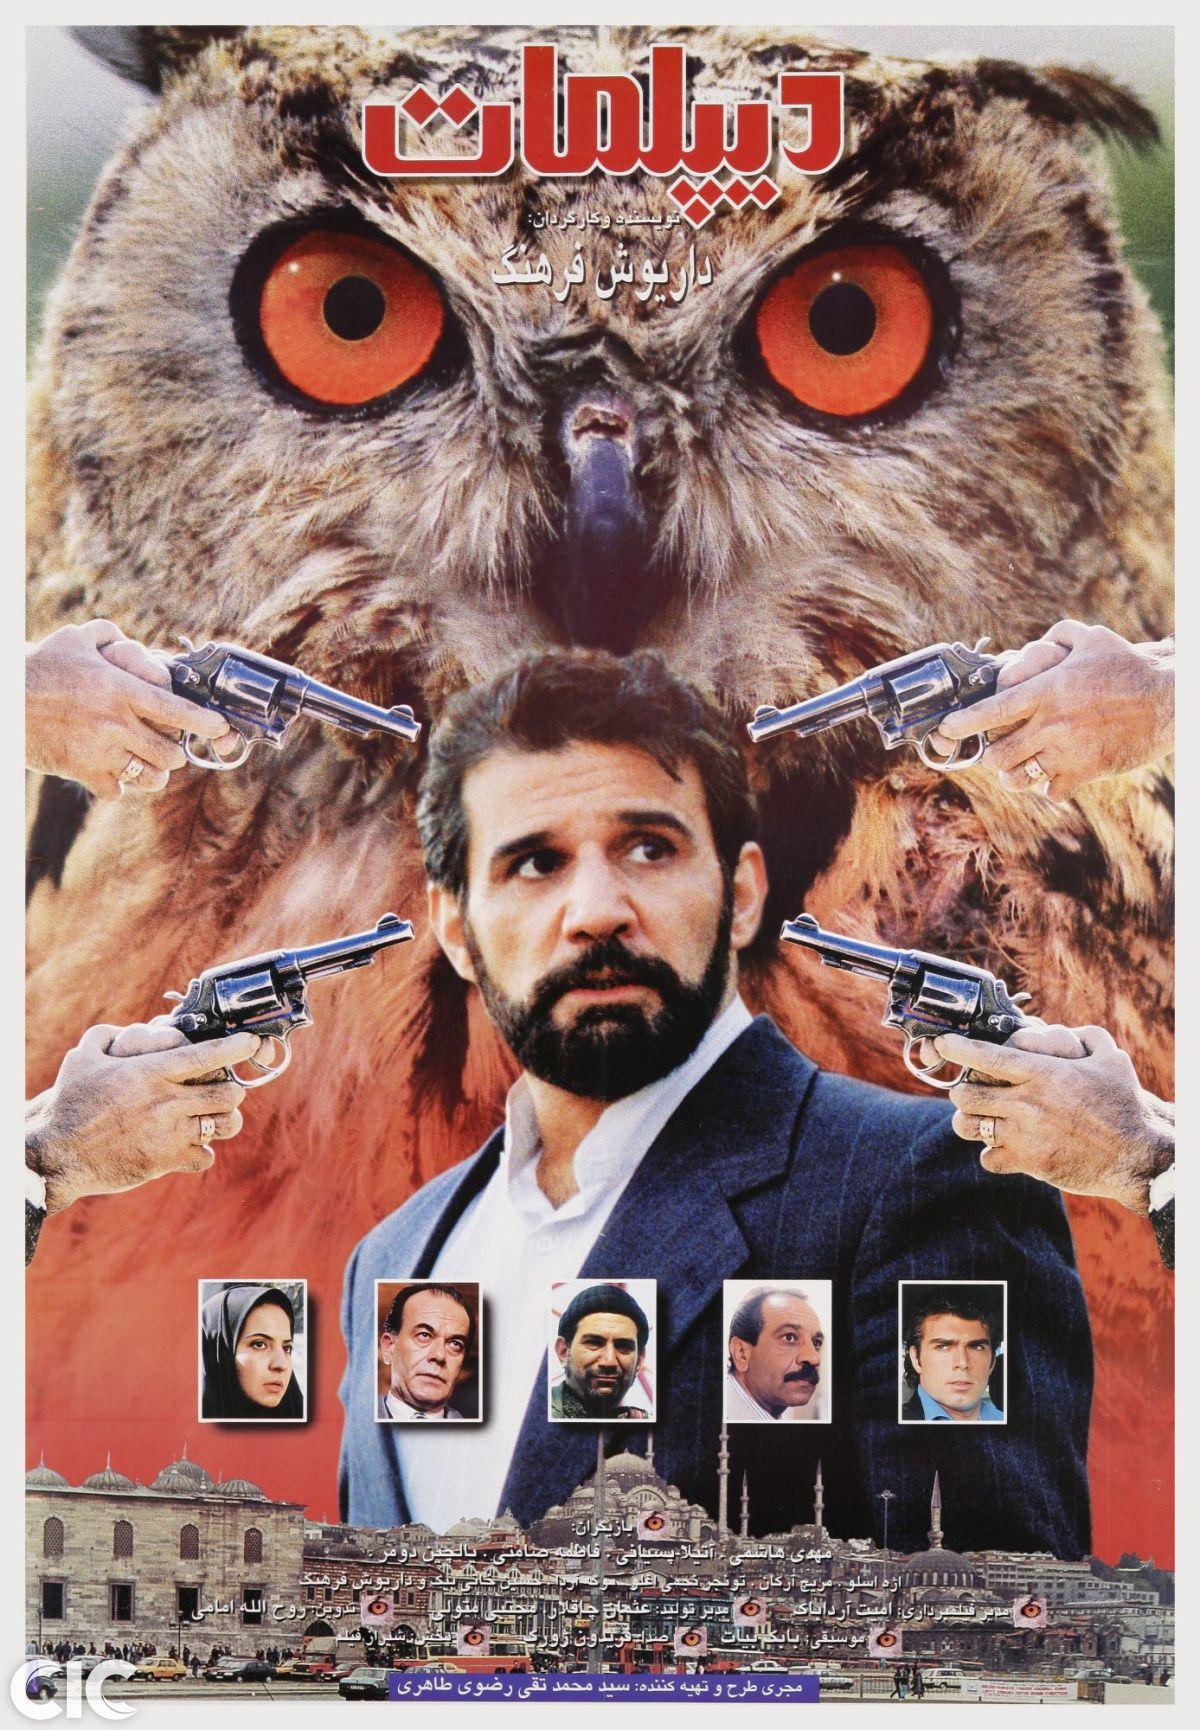 دانلود فیلم ایرانی دیپلمات